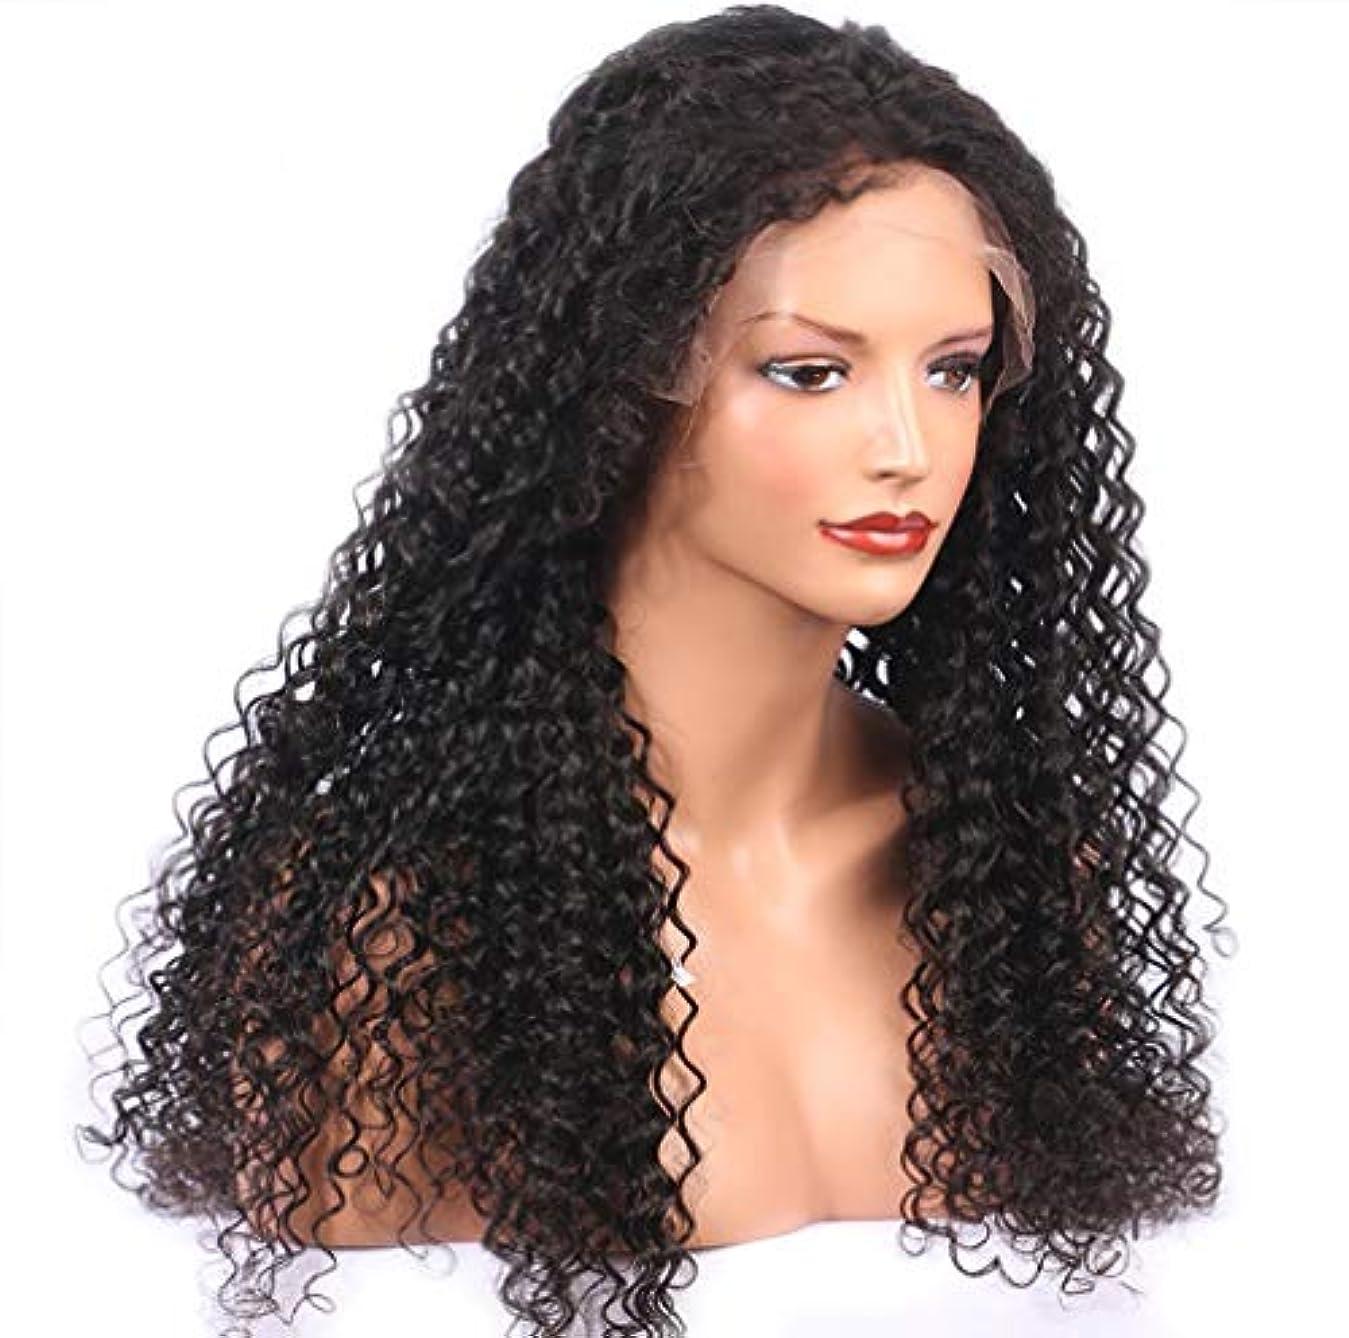 操作大宿題女性フロントレースかつら150%密度合成ブラジルふわふわショート髪波状カーリー合成繊維かつら